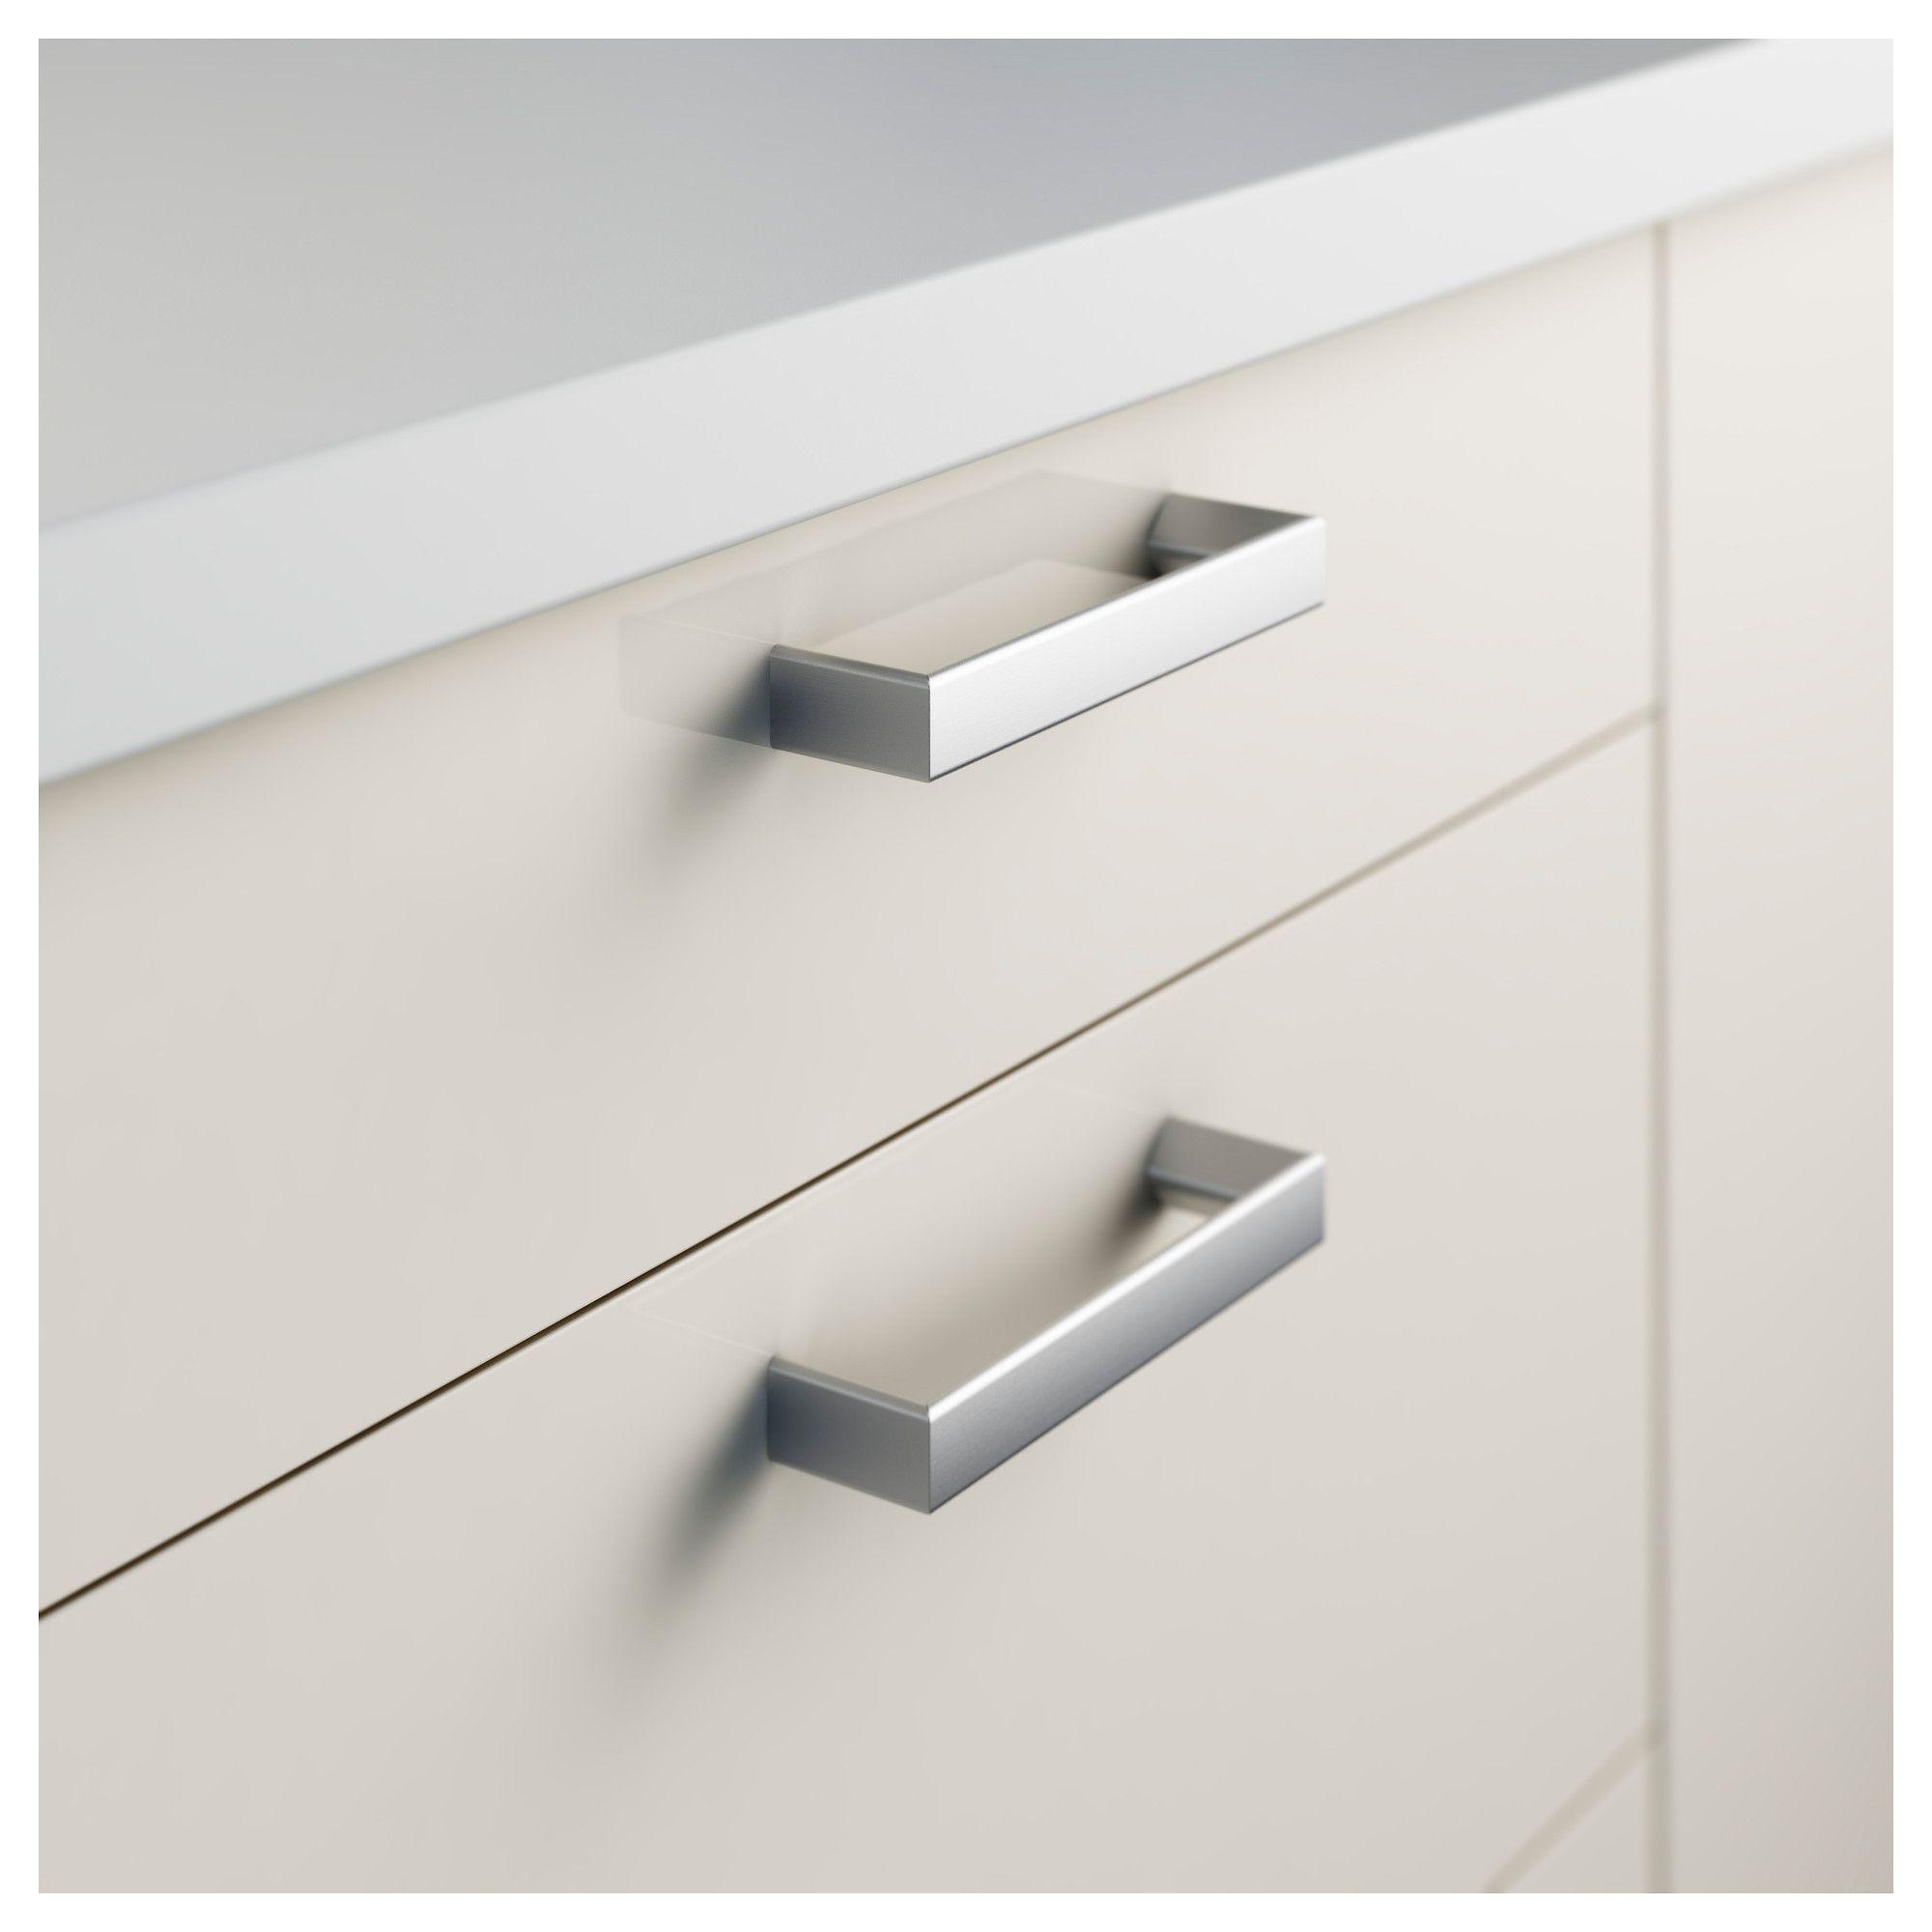 METRIK χερούλι - IKEA | DIY | Pinterest | Die küche, Ikea und Küche